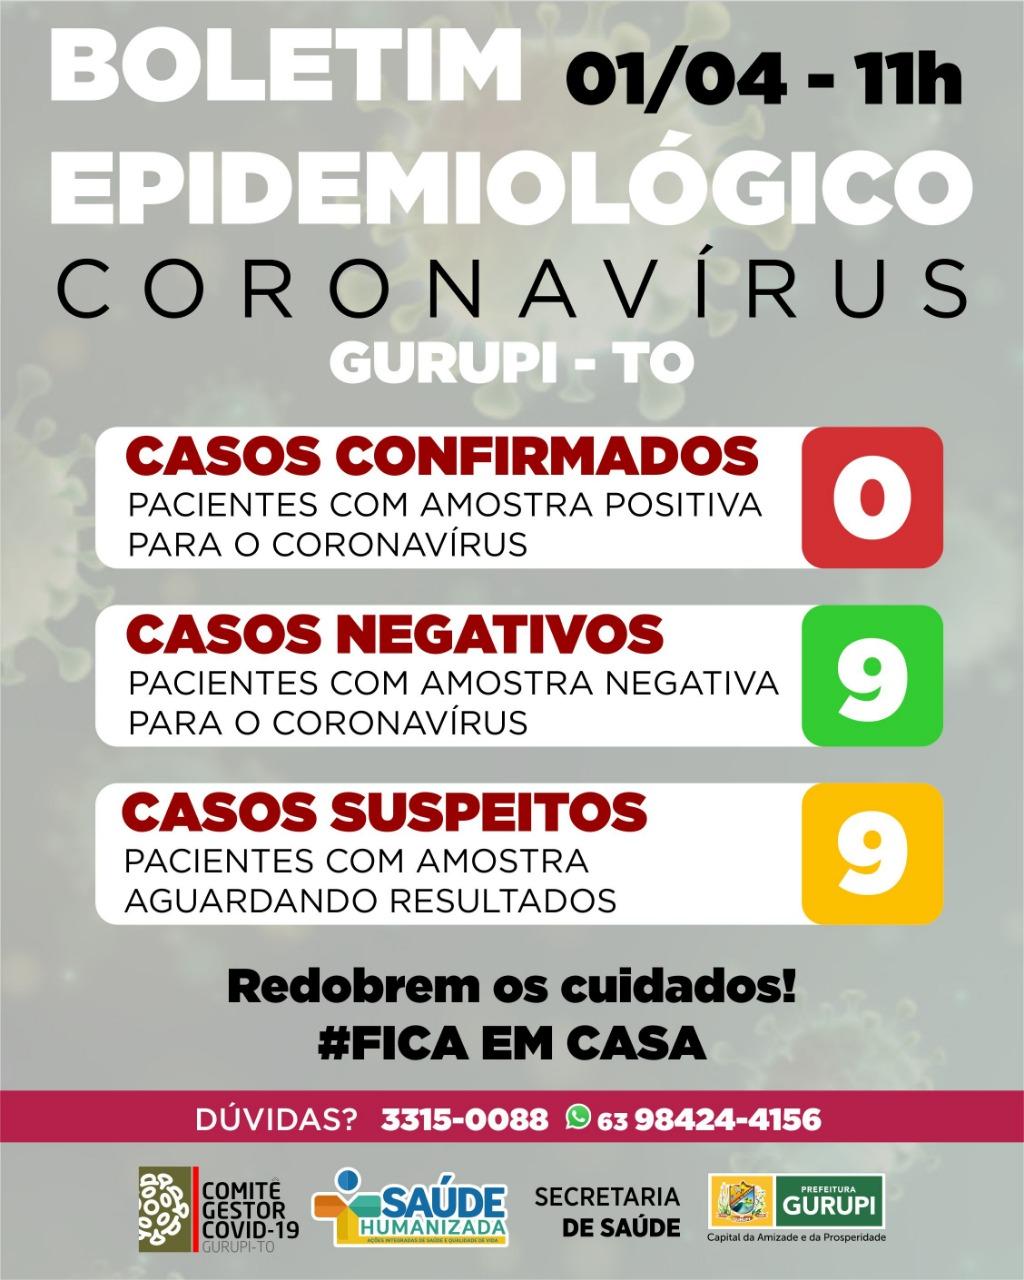 Não há casos confirmados de coronavírus em Gurupi TO